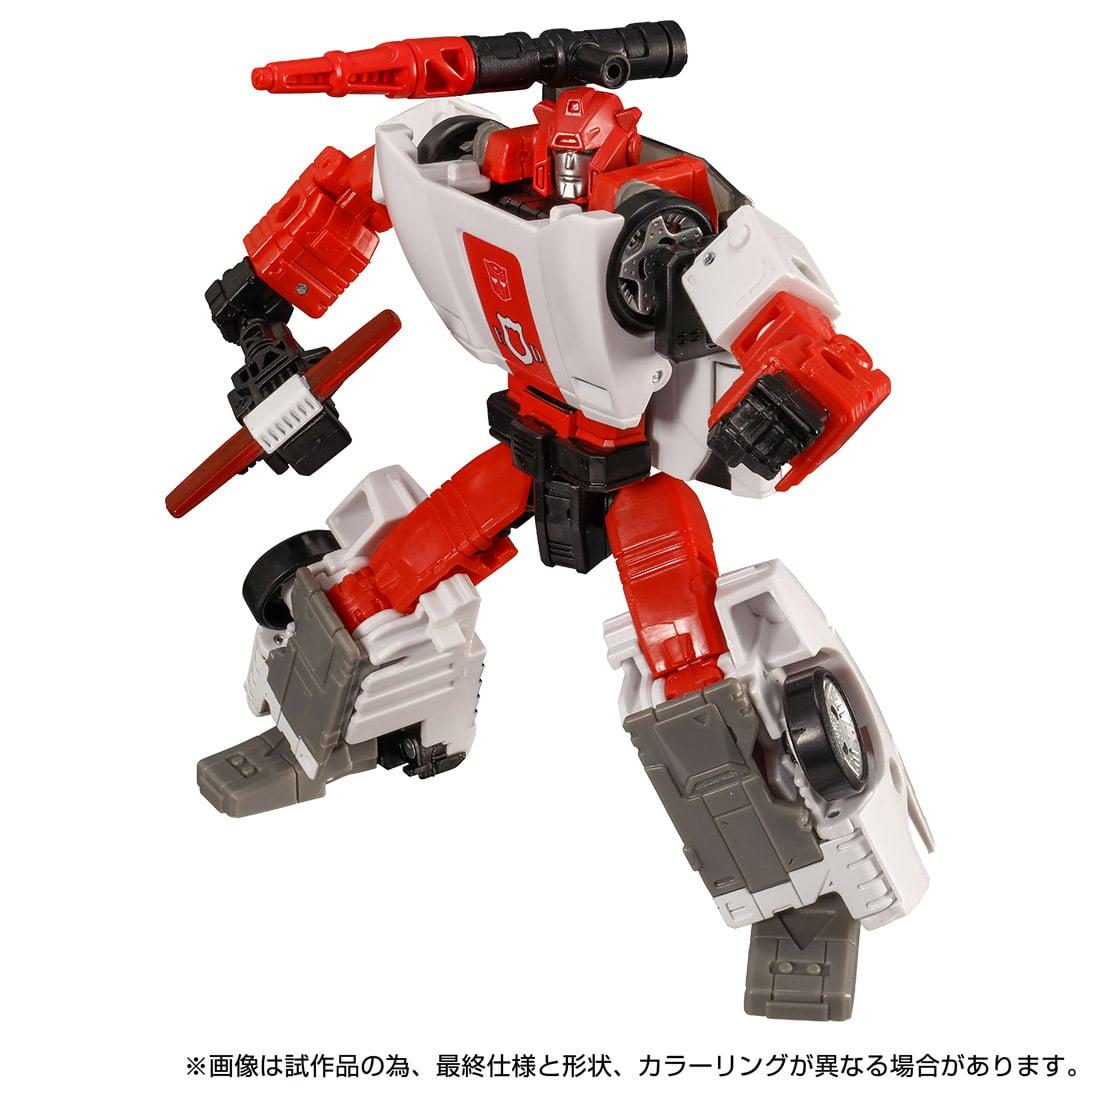 トランスフォーマー キングダム『KD-18 レッドアラート』可変可動フィギュア-001